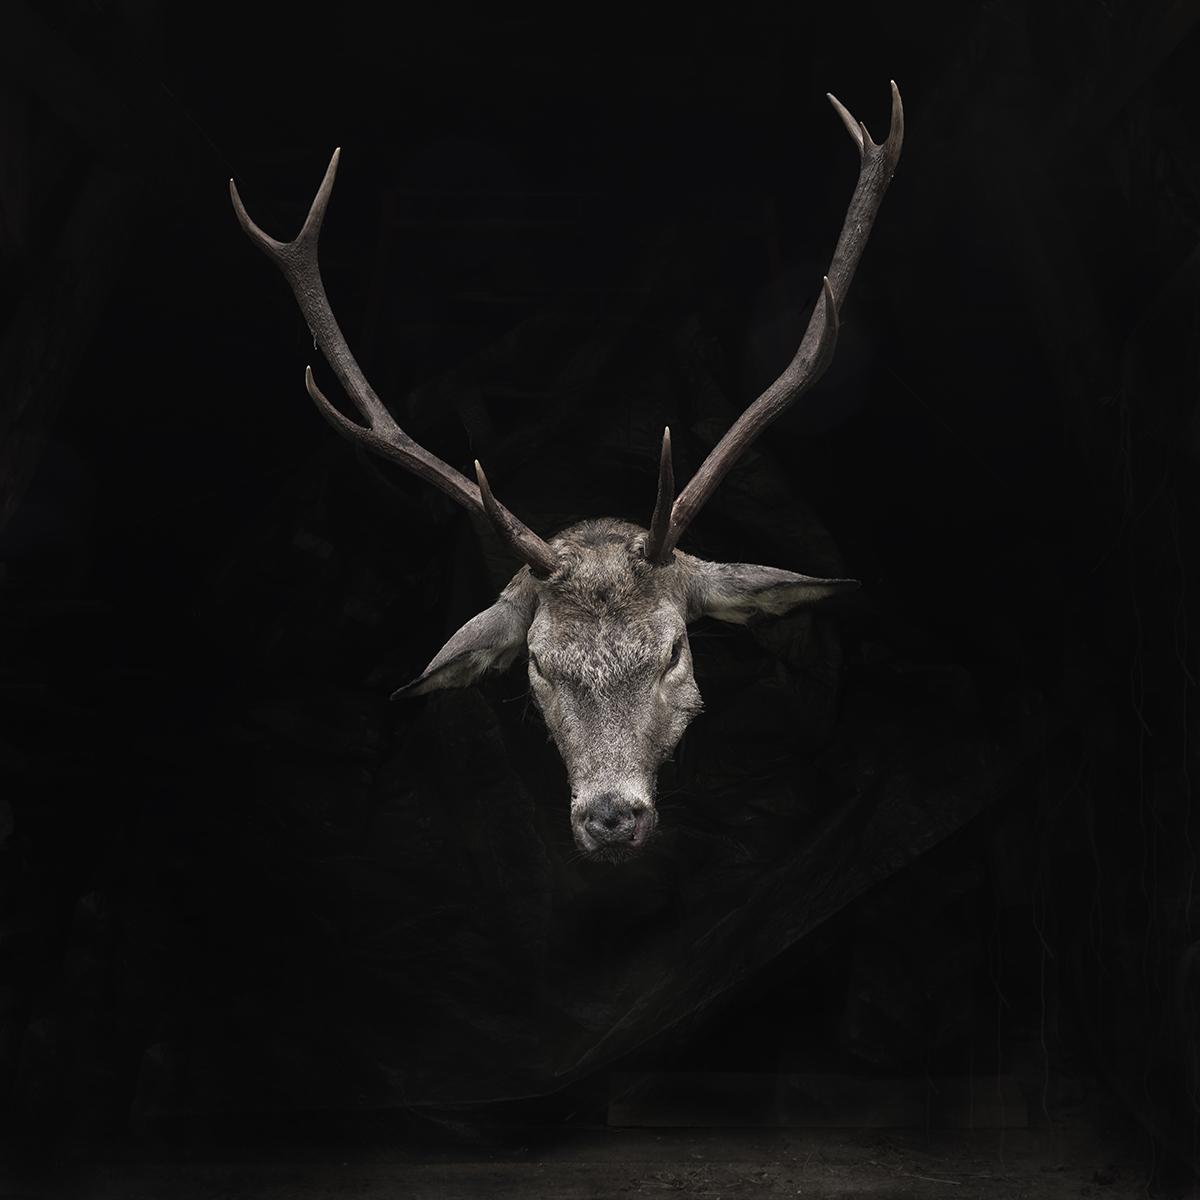 deer no2